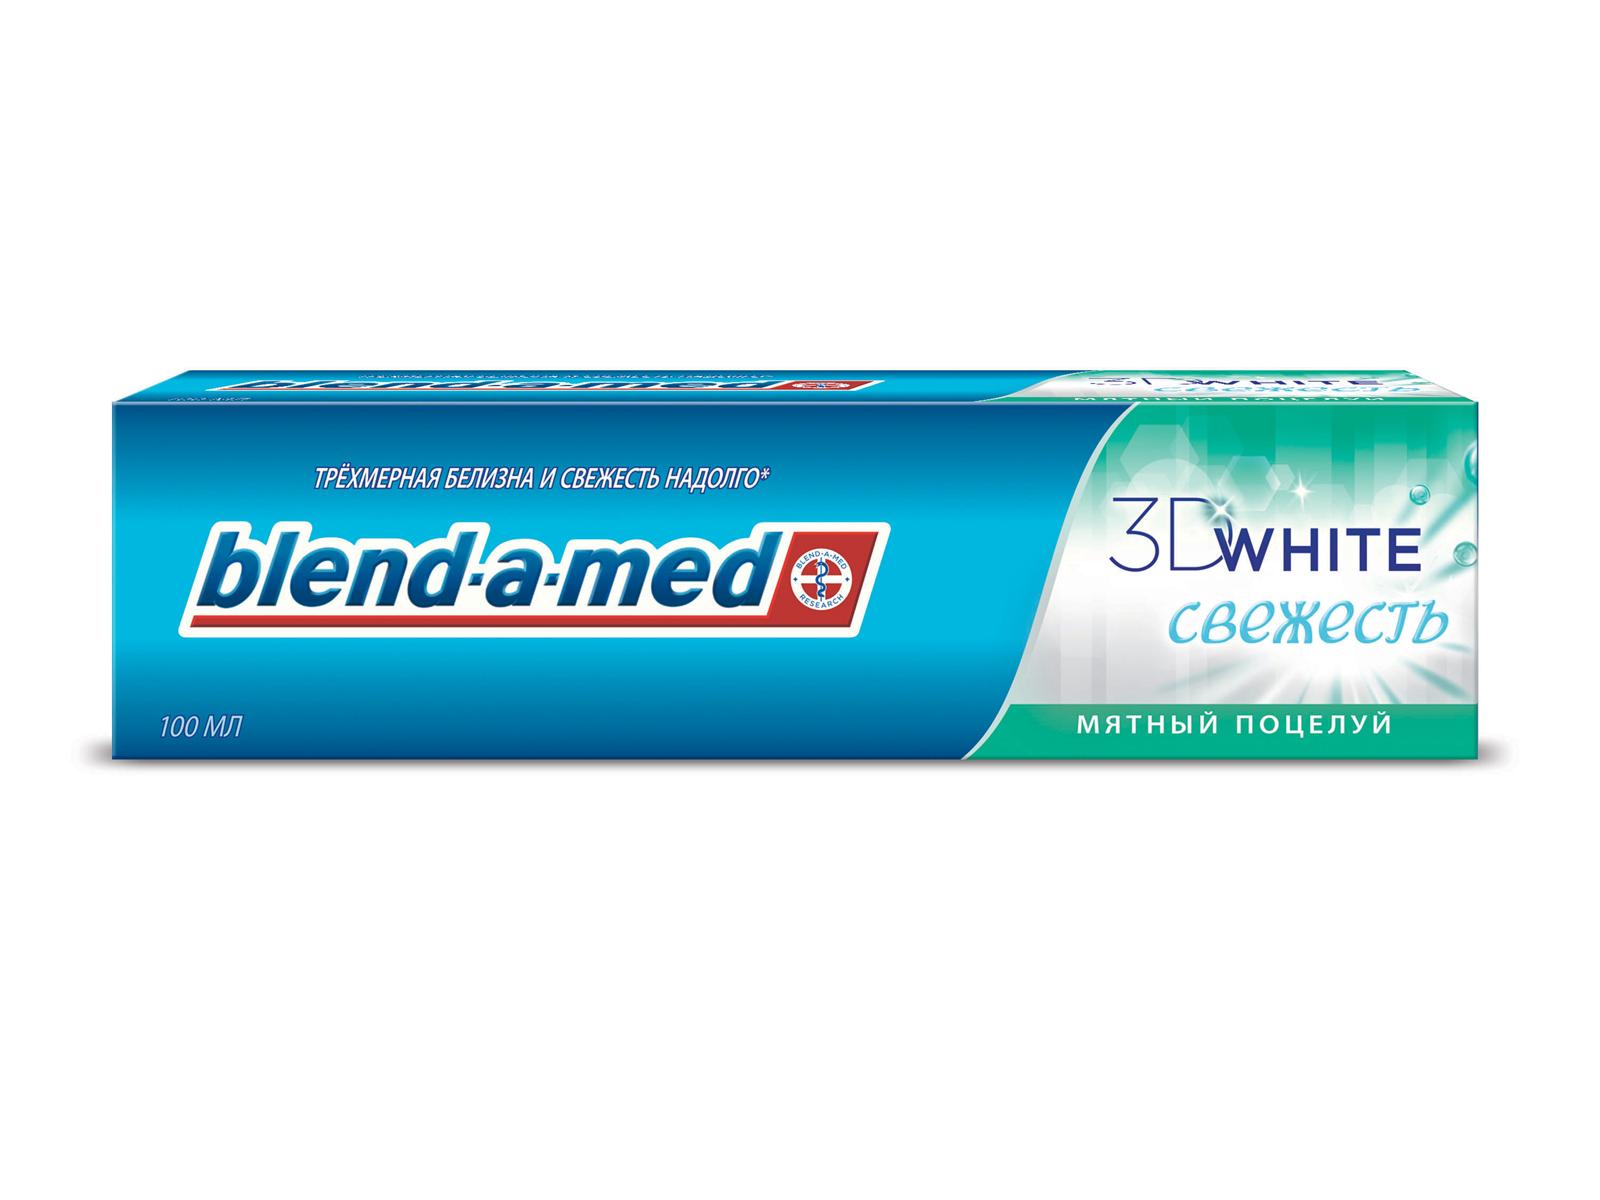 Blend-a-med Зубная паста 3D White Свежесть Мятный Поцелуй, 100 млBM-81419622Зубная паста Blend-a-med 3D White Fresh Мятный поцелуй позволяет сохранять свежее дыхание до 6 раз дольше*!Blend-a-med 3D White Fresh Мятный поцелуй дарит вам уверенность в себе. Она не только освежает дыхание, но и обладает таким же отбеливающим эффектом, как и остальные зубные пасты семейства 3D White:специальные вещества 3D Fresh придают свежесть,отбеливающие частицы, оказывающие воздействие на поверхность языка, десен и зубов, сохраняют ваши зубы ослепительно белоснежными во всех трех измерениях – впереди, сзади и даже в промежутках между зубами!Рекомендуется использовать с зубной щеткой Oral-B 3D White.*по сравнению с зубной пастой Blend-a-med 3D White- Трехмерная белизна и свежесть надолго.- Обеспечивает качественный уход за здоровьем полости рта.- Возвращает естественную белизну зубов.- Отбеливающие частицы, оказывающие воздействие на поверхность языка, десен и зубов, сохраняют ваши зубы ослепительно белоснежными во всех трех измерениях – впереди, сзади и даже в промежутках между зубами!- Безопасно для эмали.Срок хранения – 2 года.«Проктер энд Гэмбл», Германия.Уважаемые клиенты!Обращаем ваше внимание на возможные изменения в дизайне упаковки. Качественные характеристики товара остаются неизменными. Поставка осуществляется в зависимости от наличия на складе.